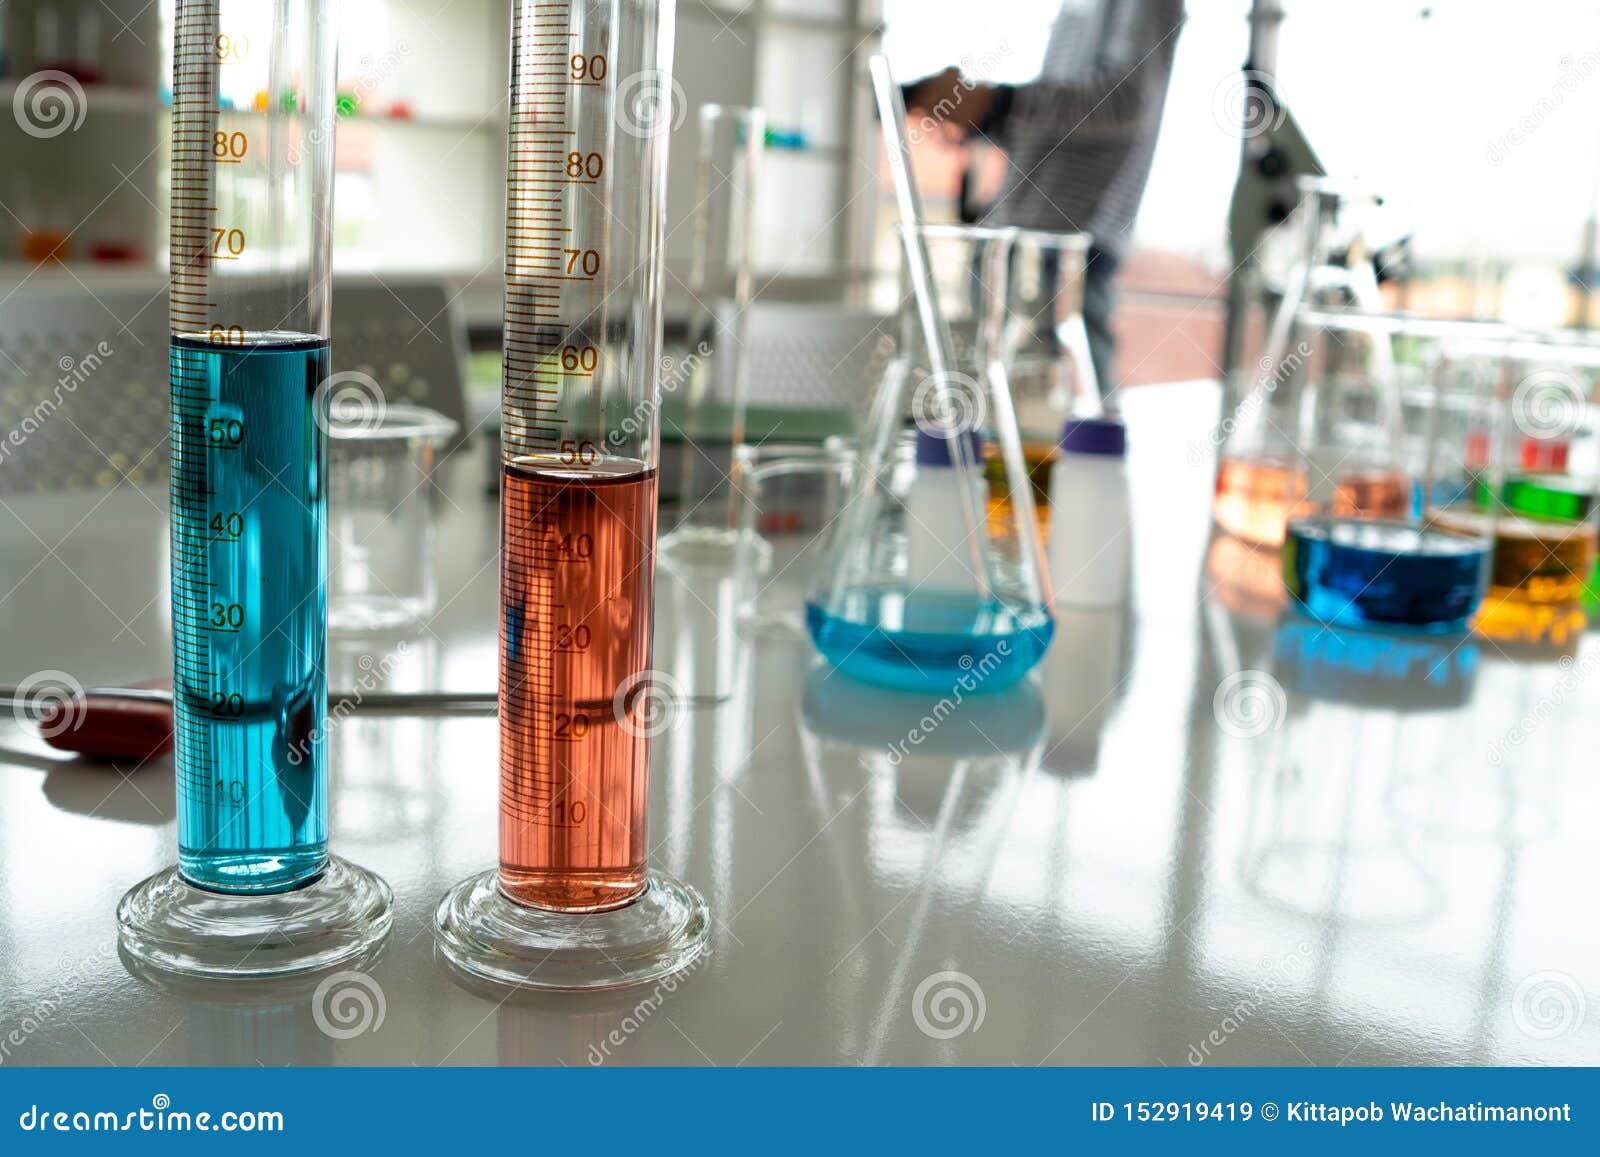 Стеклянные лампы, много пробирок в лаборатории которые содержат различные цвета жидкости